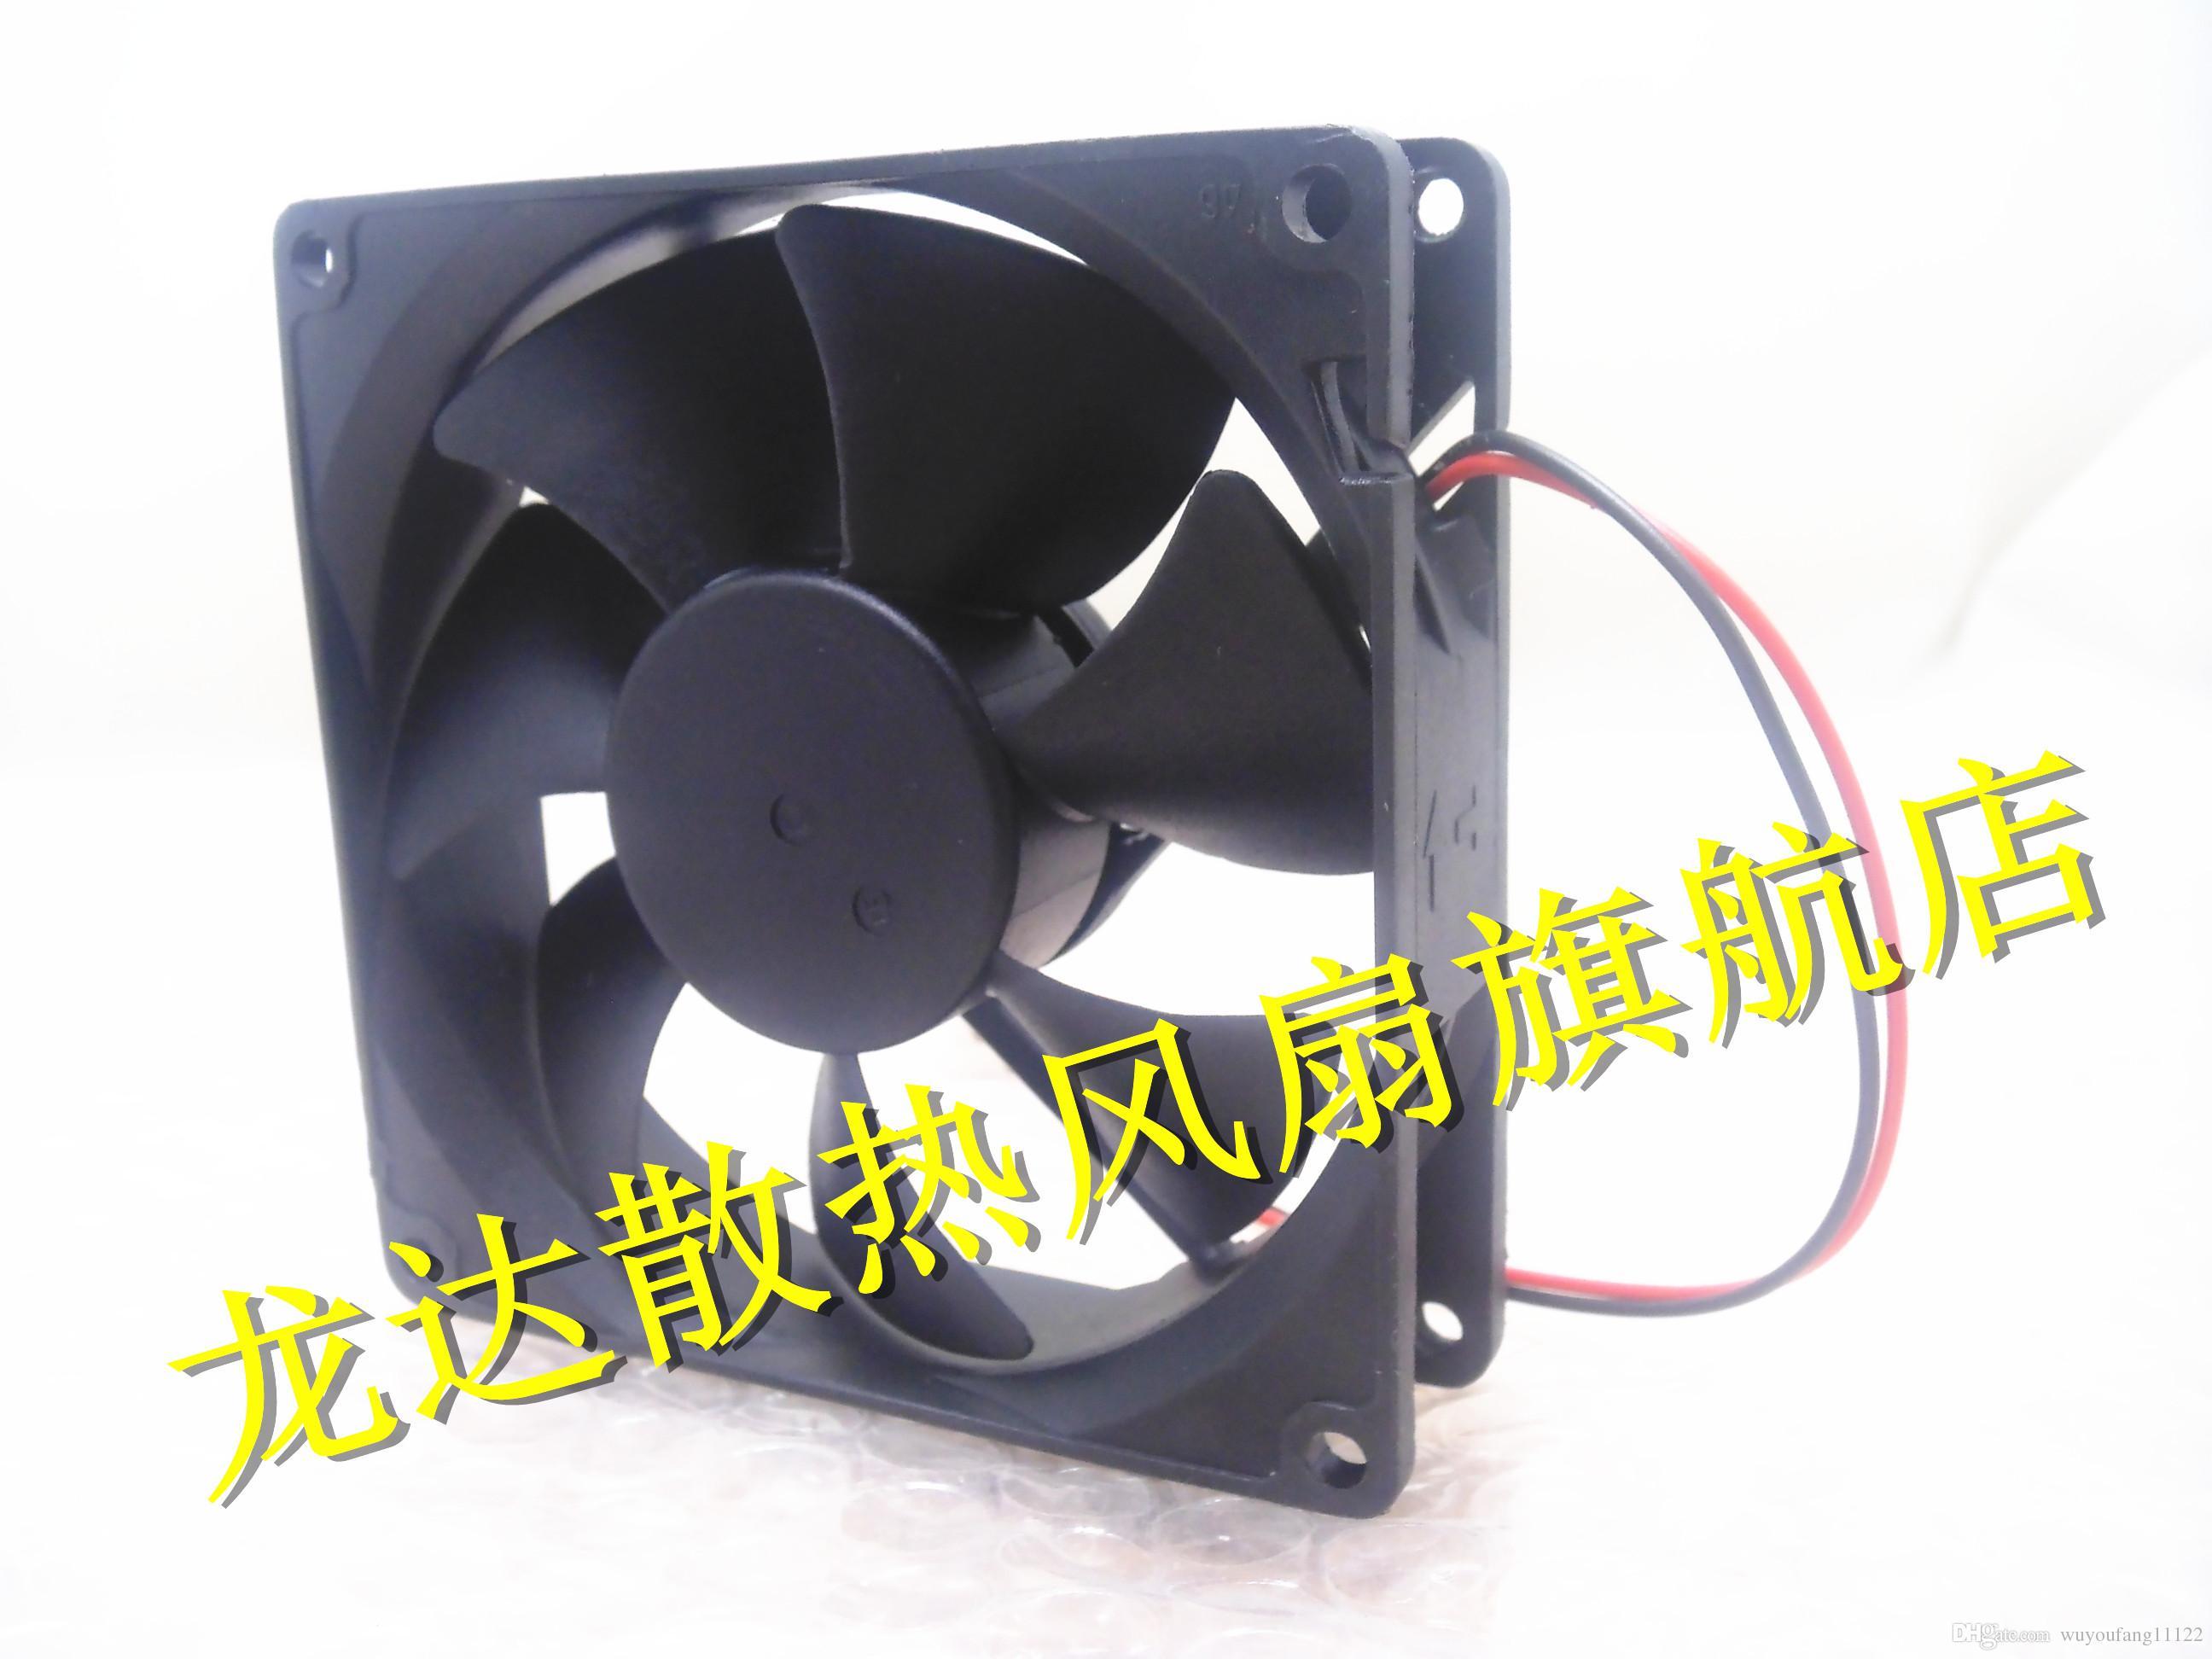 Новый TX9025L12S 9 см 90 мм DC 12V 0.16 A 90*90*25 мм осевой корпус компьютера вентилятор охлаждения Бесплатная доставка высокое качество